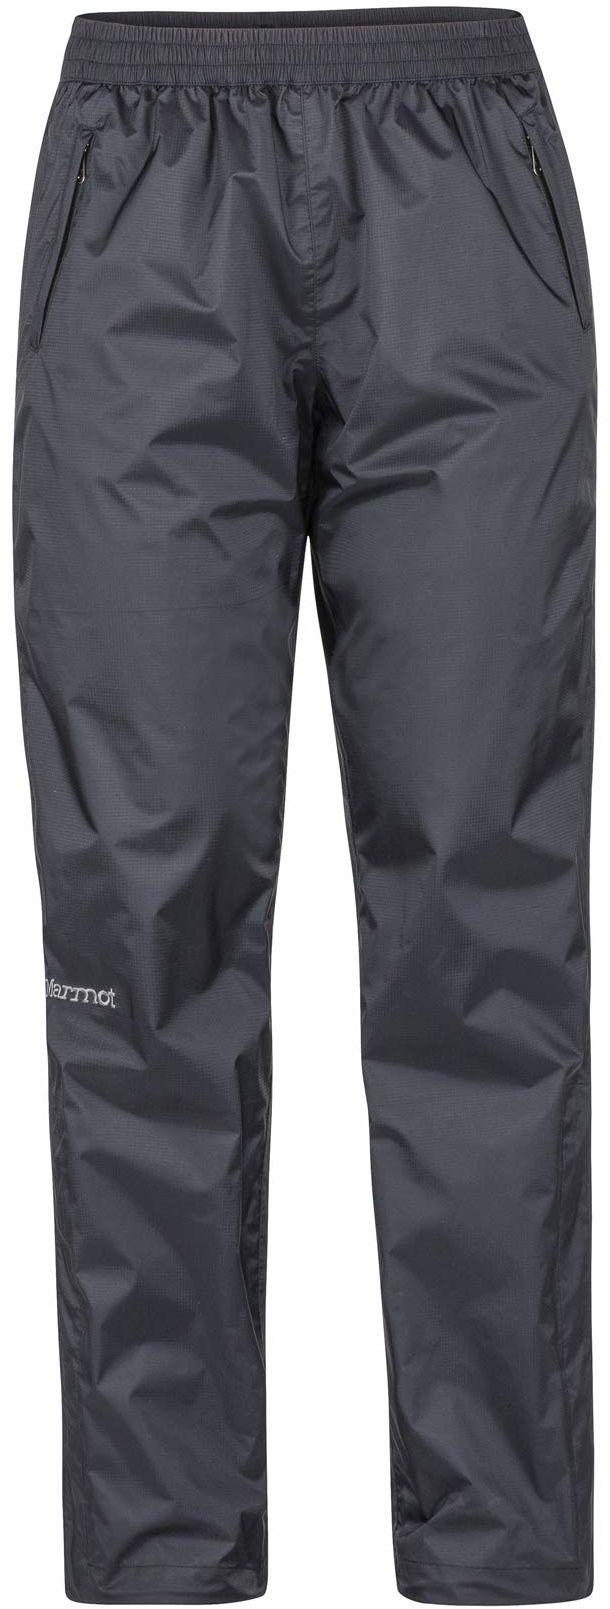 Marmot damskie Wm''s PreCip ekologiczne spodnie hardshell przeciwdeszczowe, lekkie odzież przeciwdeszczowa, wiatroszczelne, wodoodporne, oddychające, czarne, L